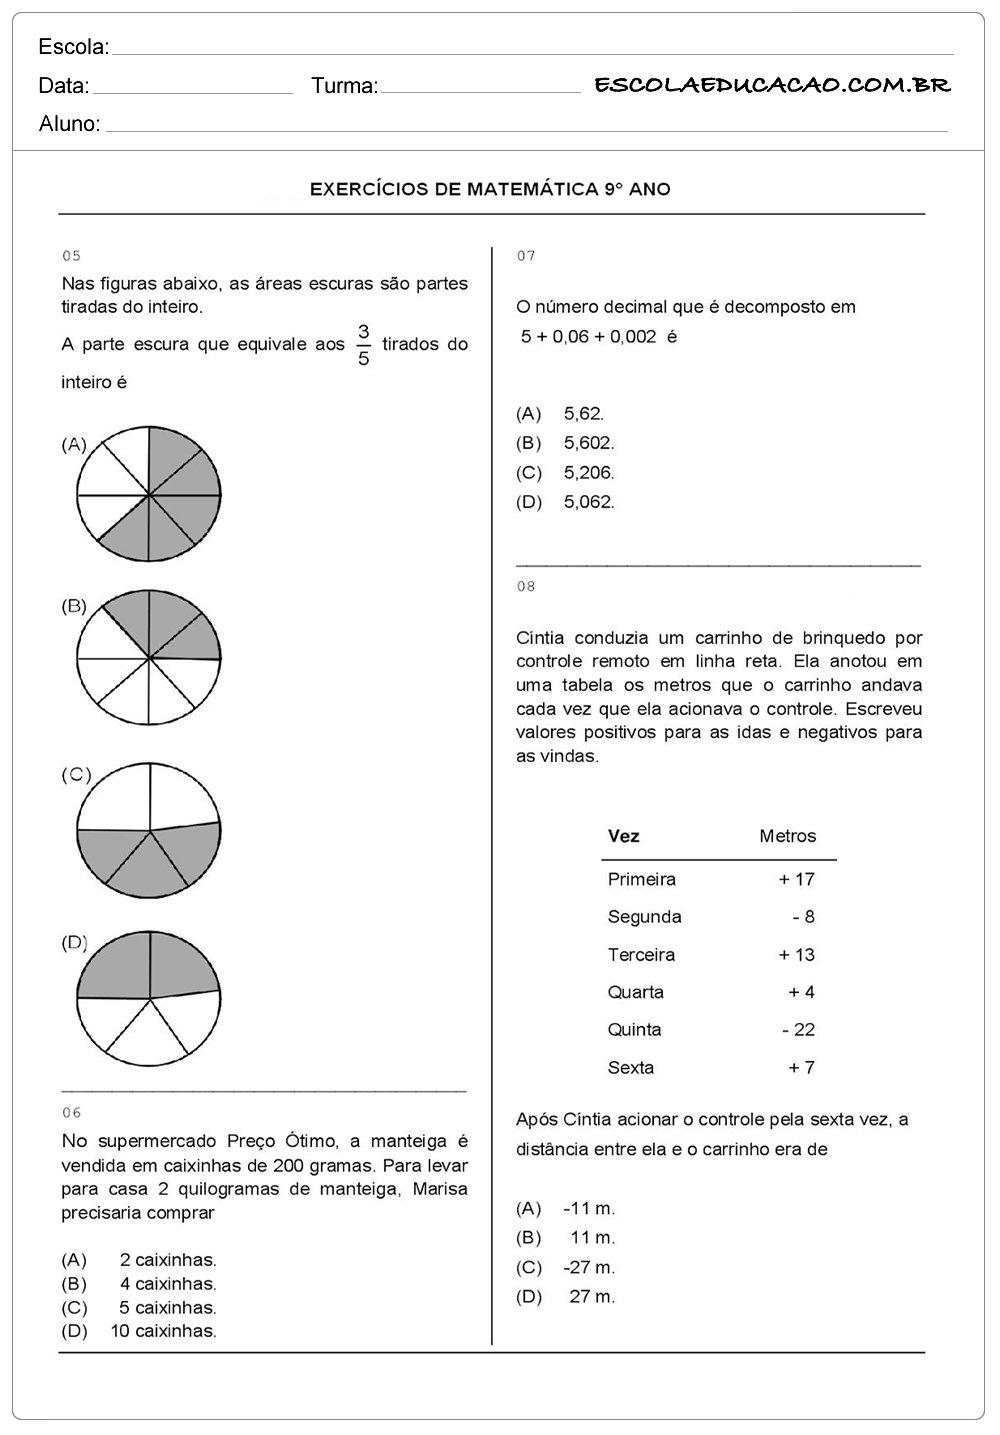 Atividades de Matemática 9º ano exercícios